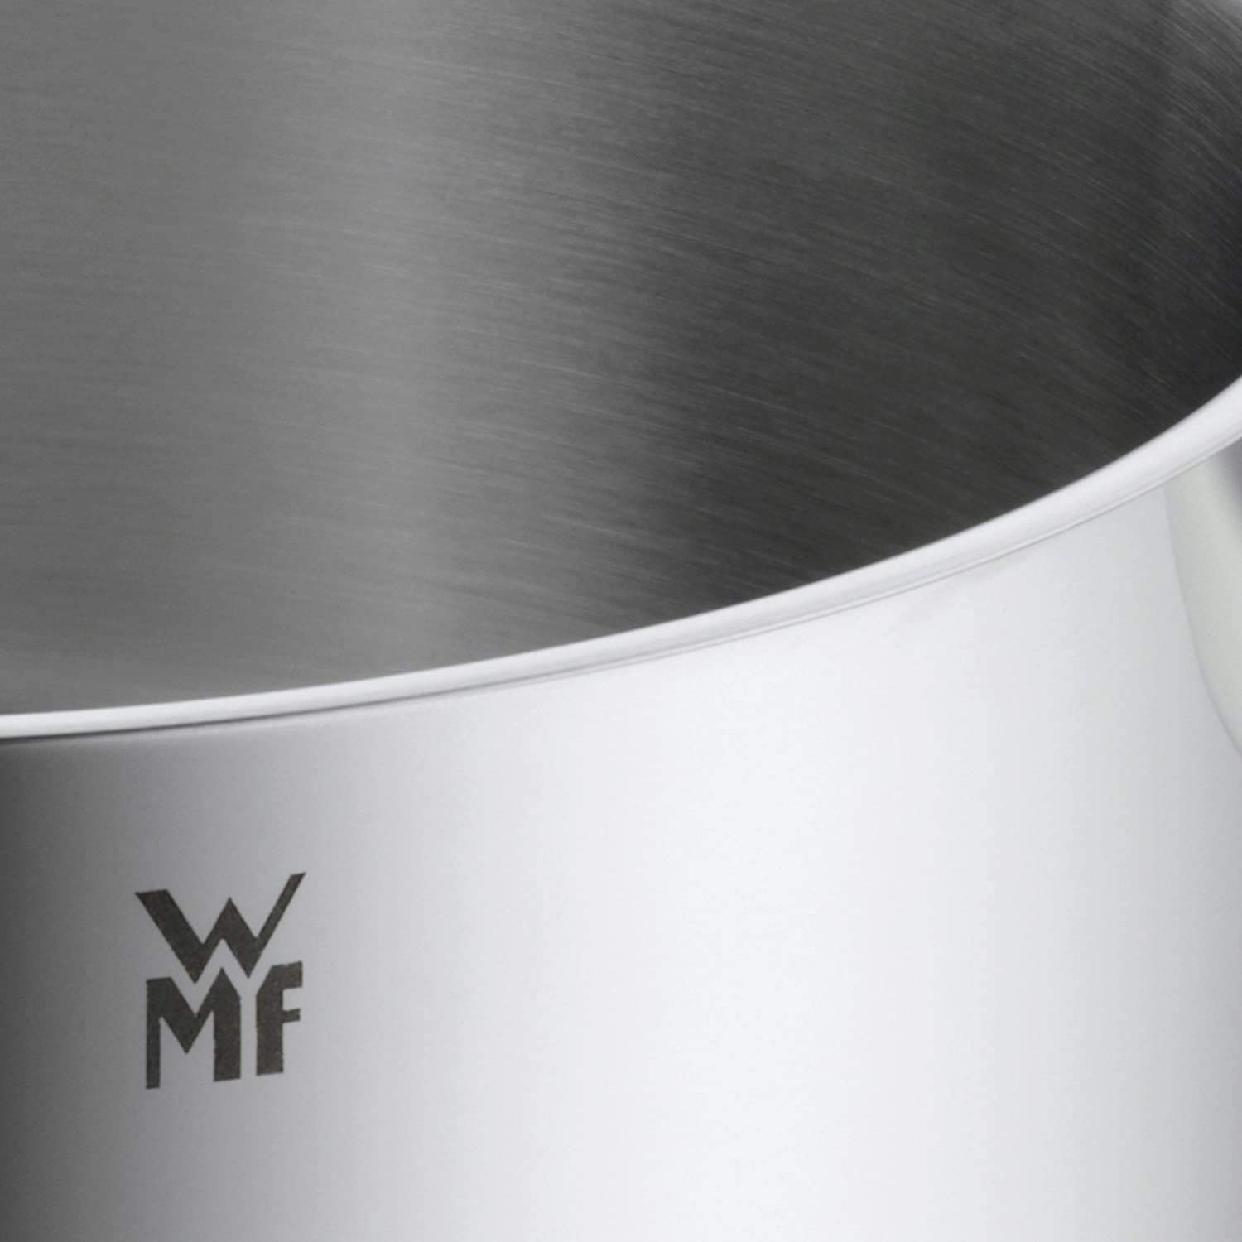 WMF(ダブリューエムエフ)ミニ パスタポット シルバー W0718826040の商品画像5